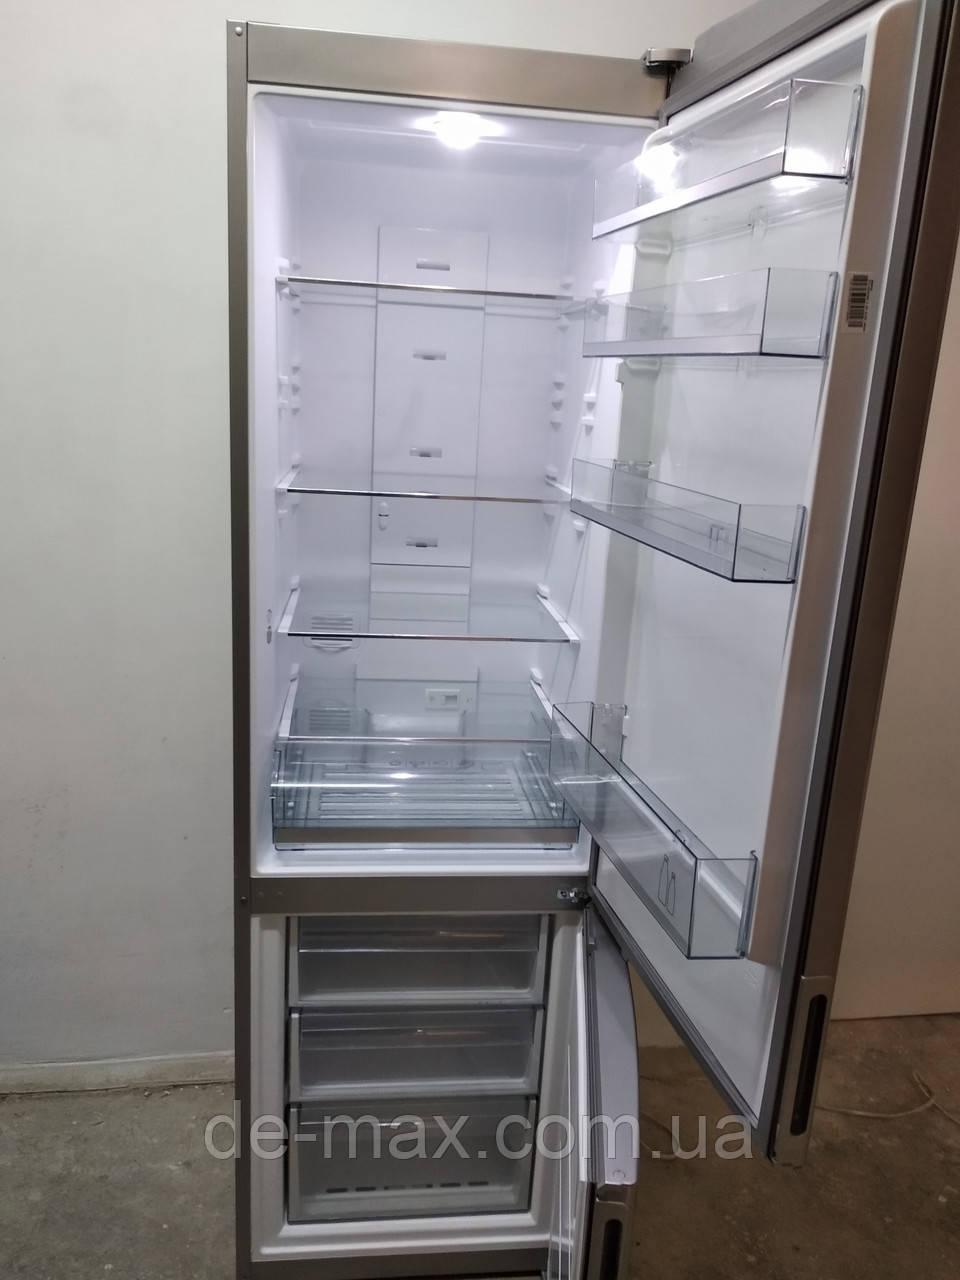 Холодильник SHARP SJ-B 2330 E 2 I-EU A++ 2.15m No Frost A++